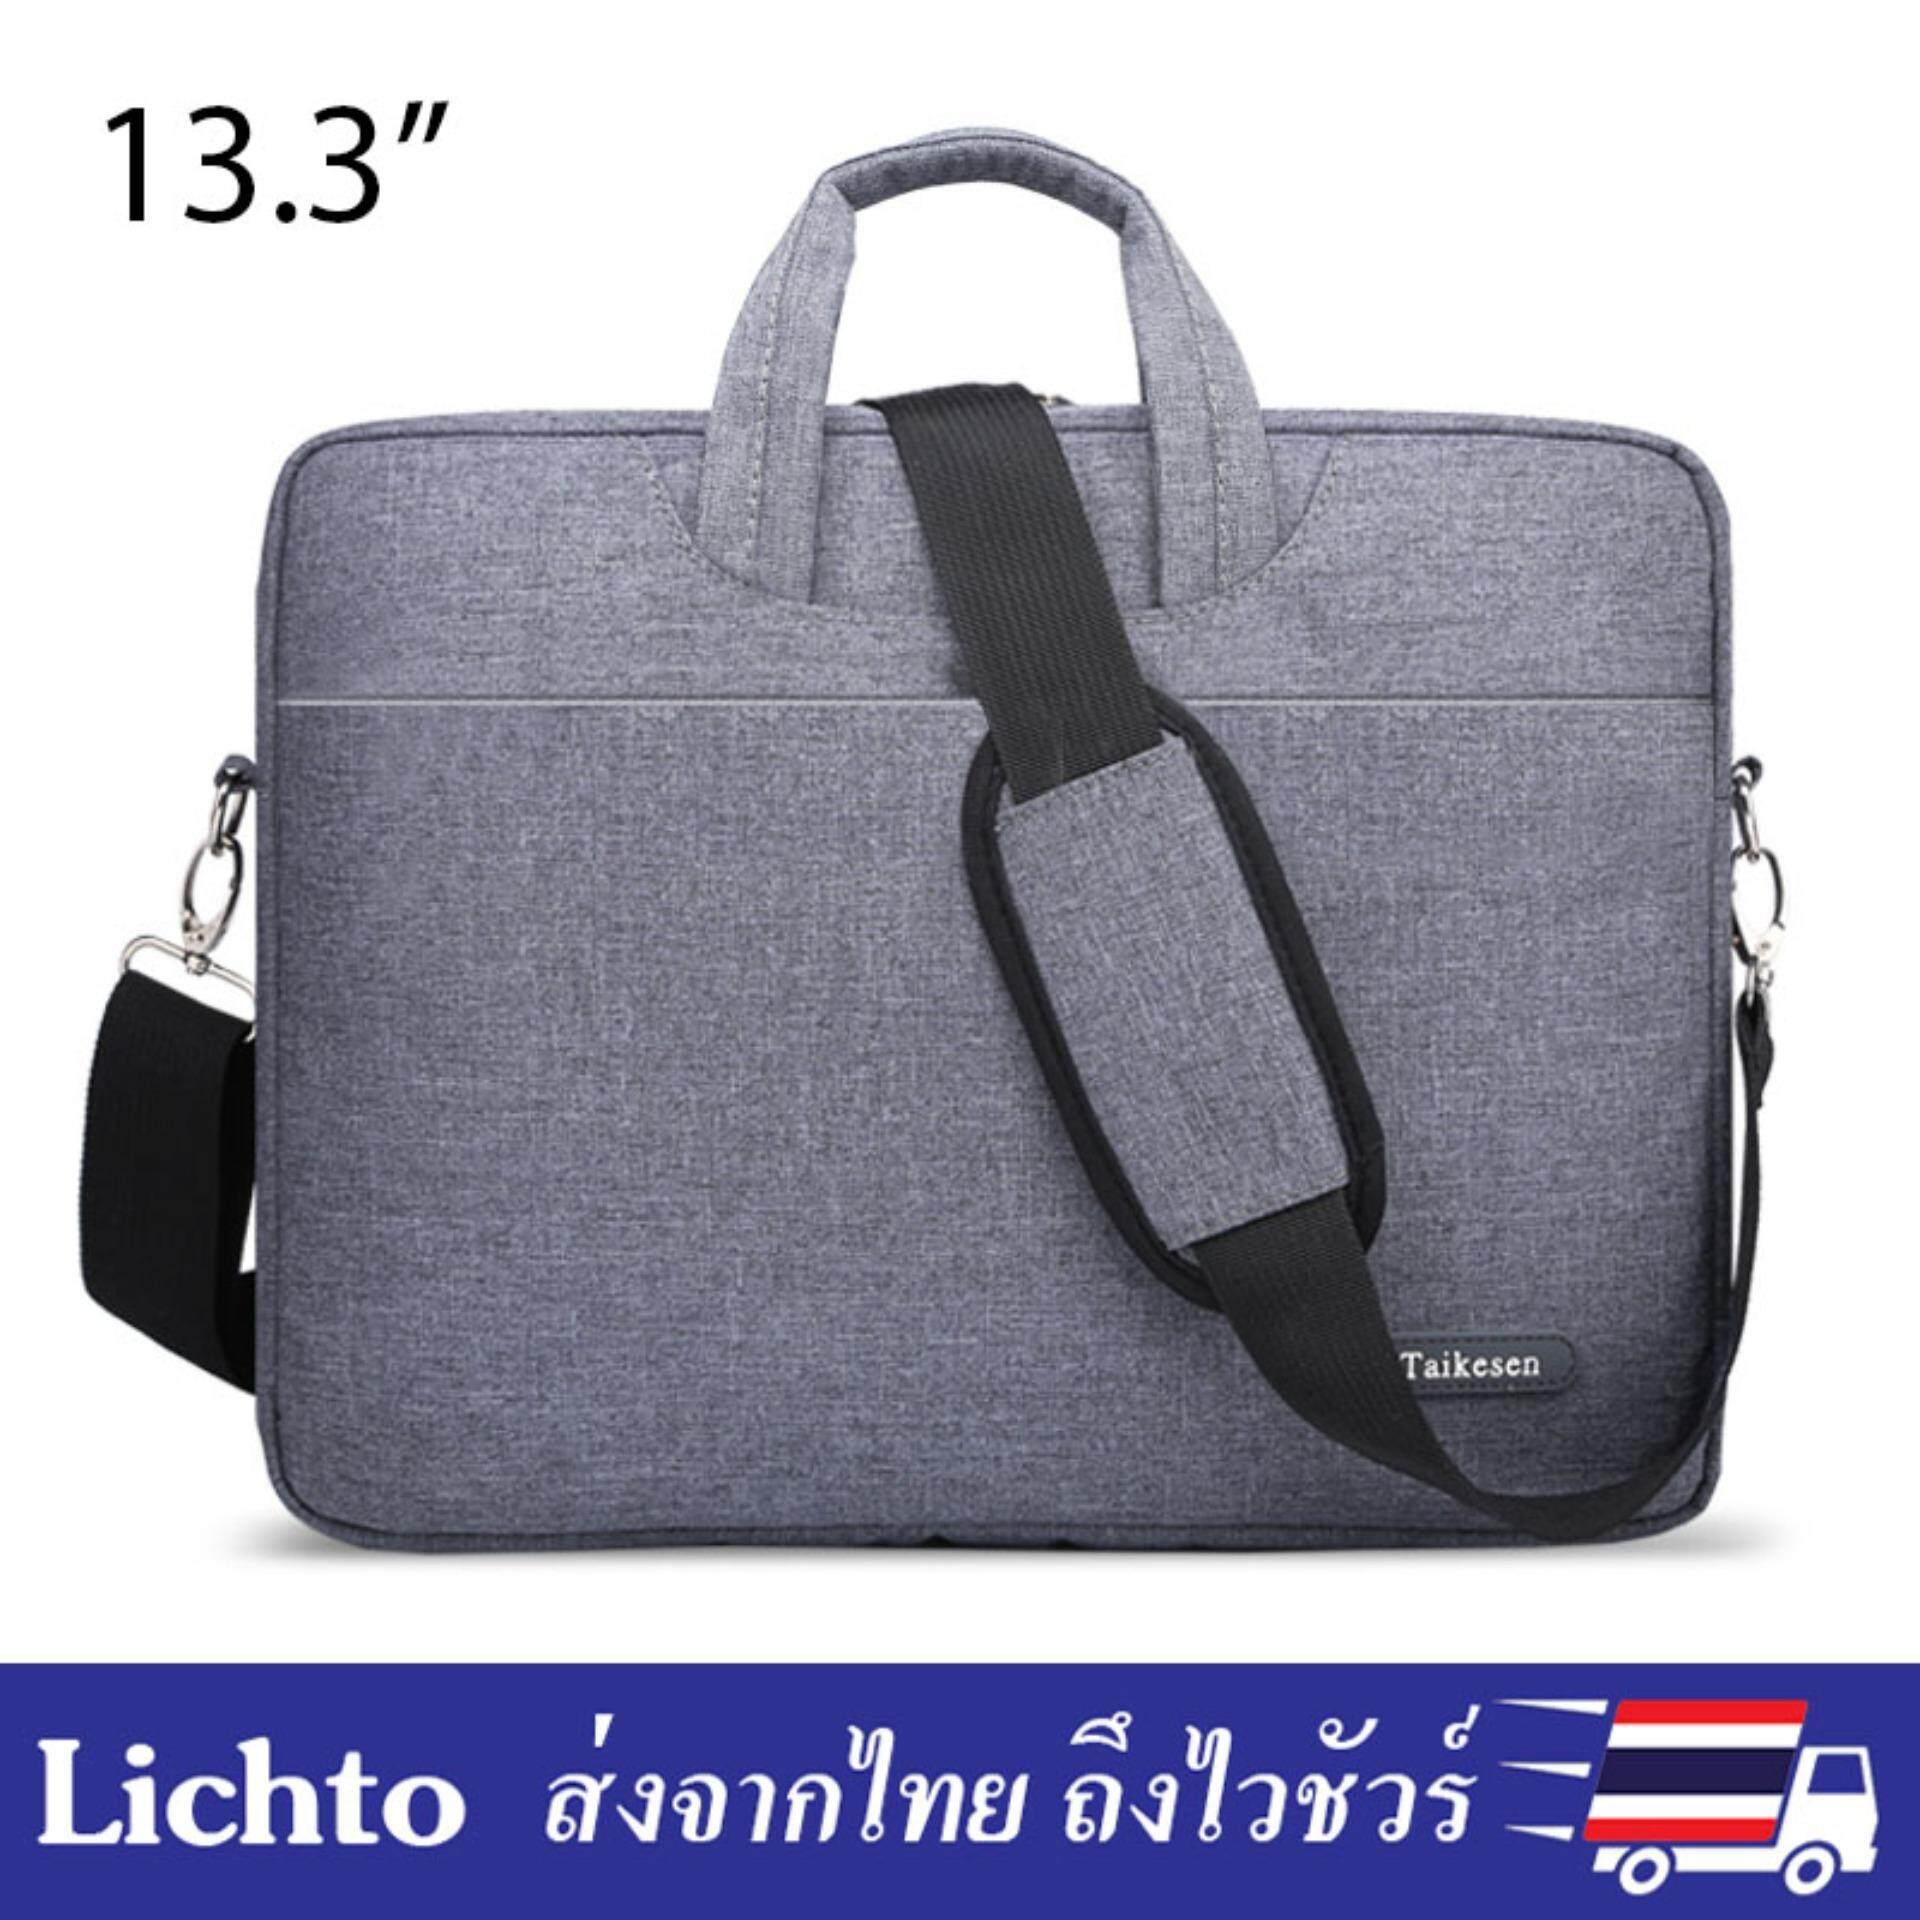 ราคา กระเป๋าใส่โน๊ตบุ๊ค Laptop พร้อมสายสะพาย ขนาด 12 13 นิ้ว Apple Macbook 13 3 นิ้ว สีเทาเข้ม Tks Strap Lichto